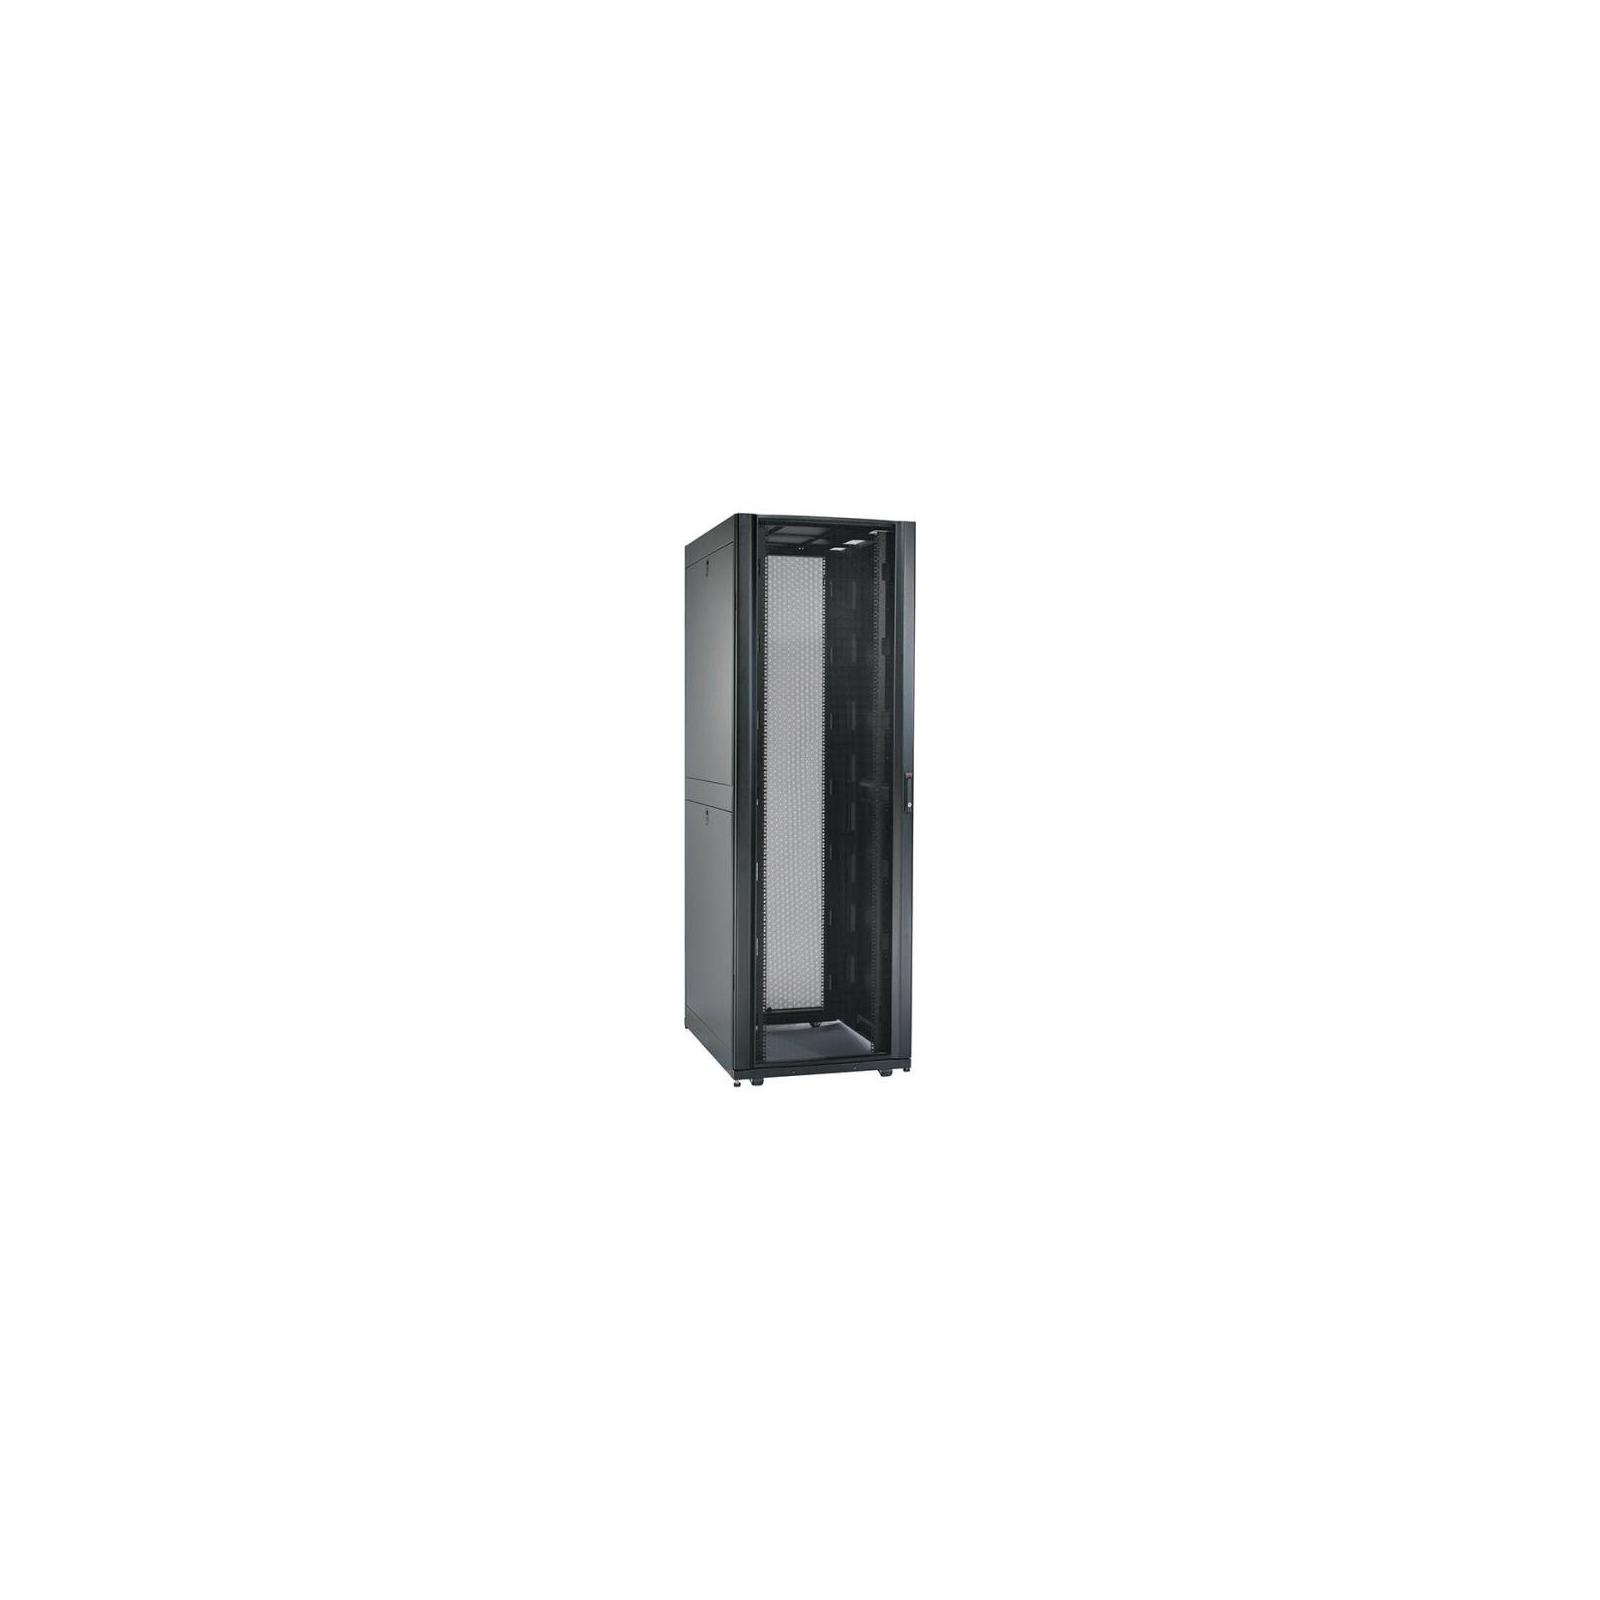 Шкаф напольный APC 42U NetShelter SX 750*1070мм (AR3150) изображение 3